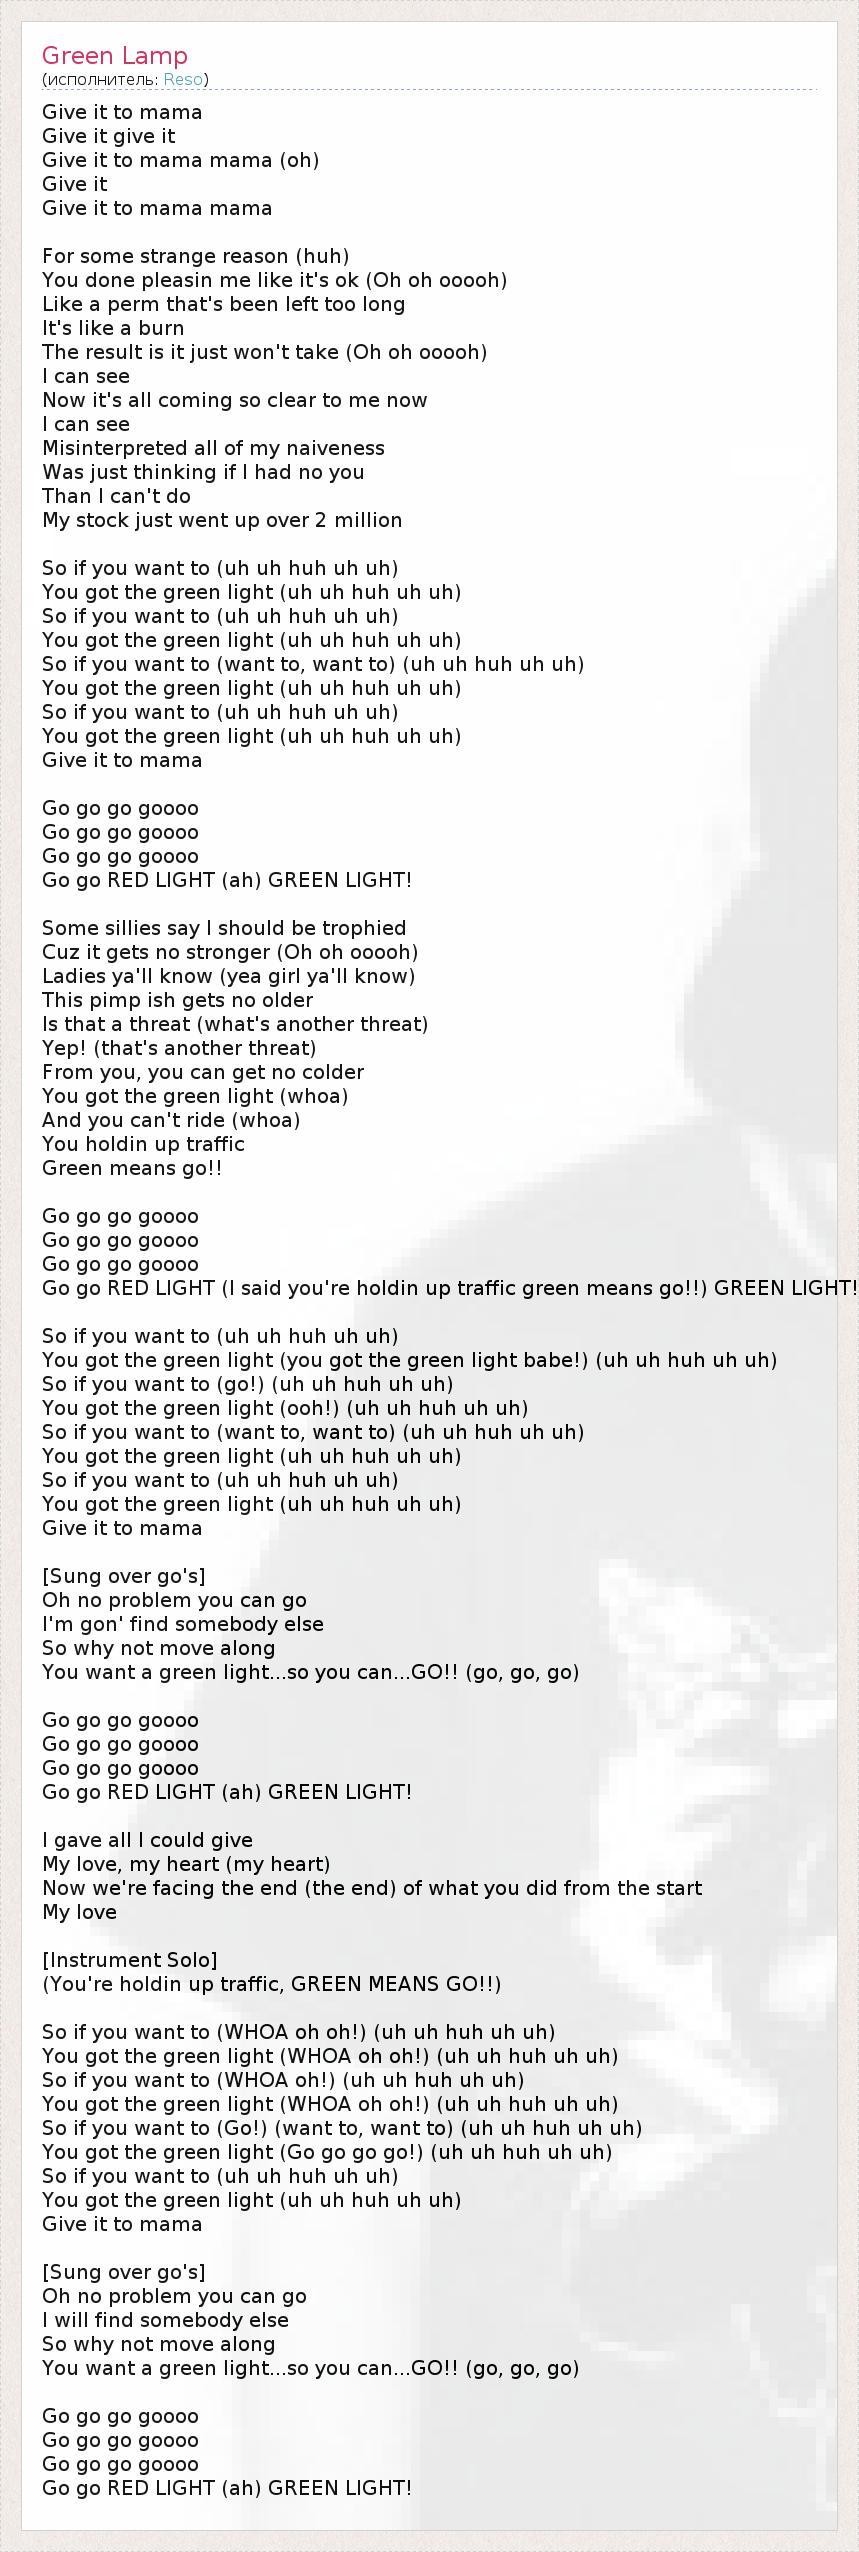 Текст песни Green Lamp, слова песни